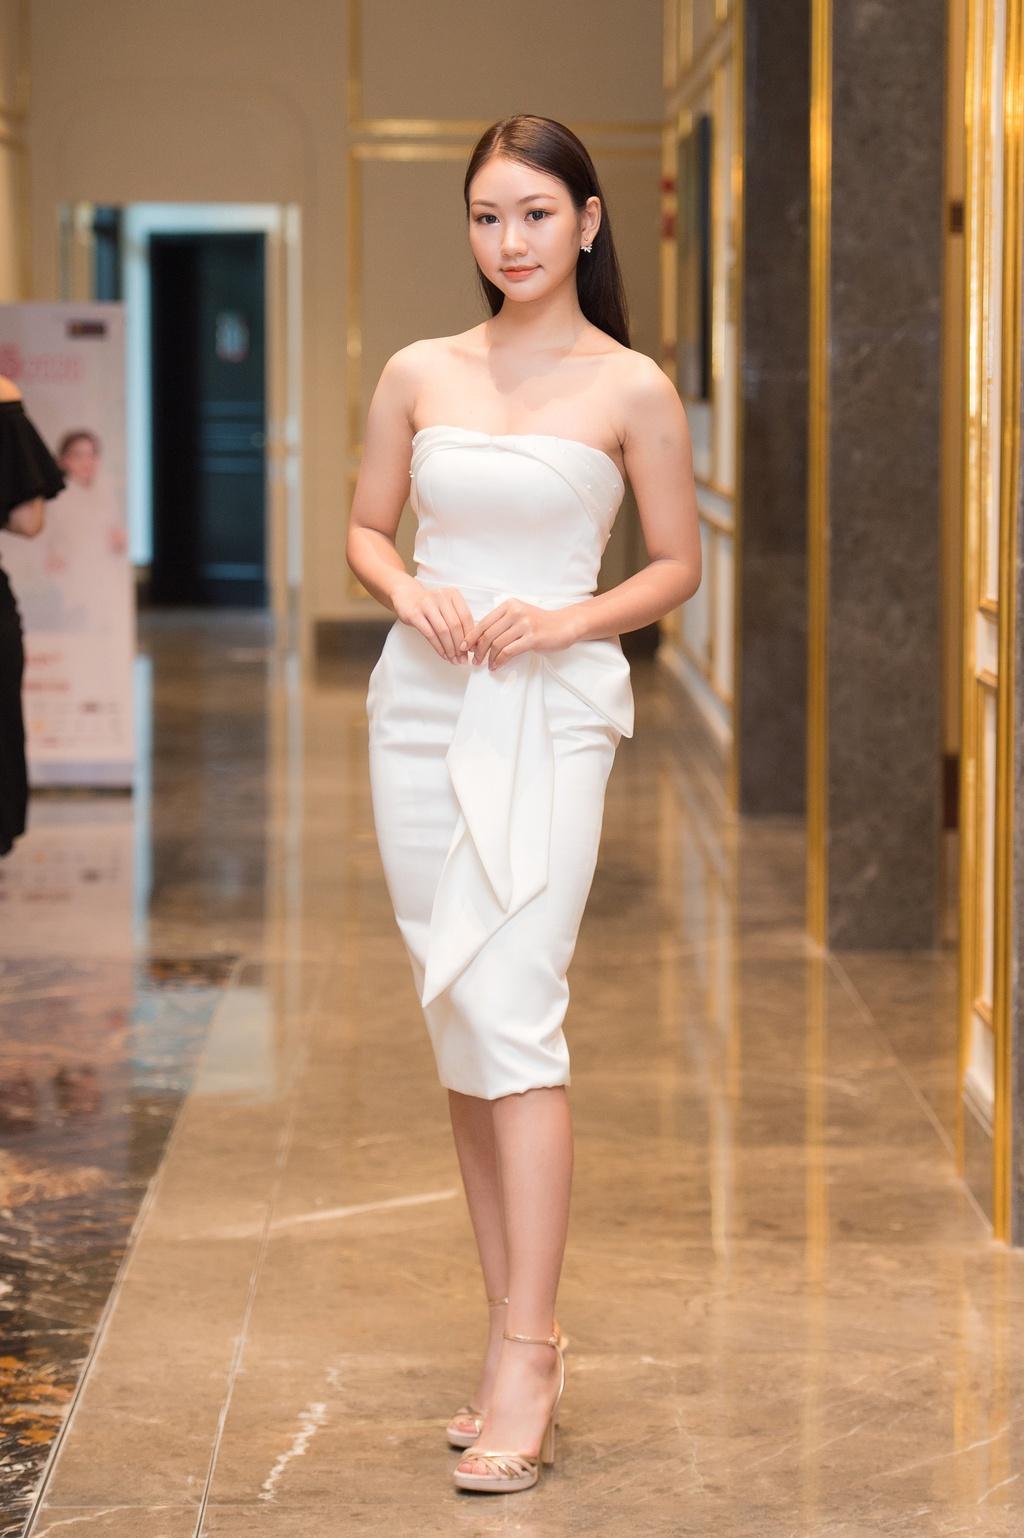 Hoa khôi Ngoại thương và thí sinh Hoa hậu Việt Nam 2020 ở vòng sơ khảo